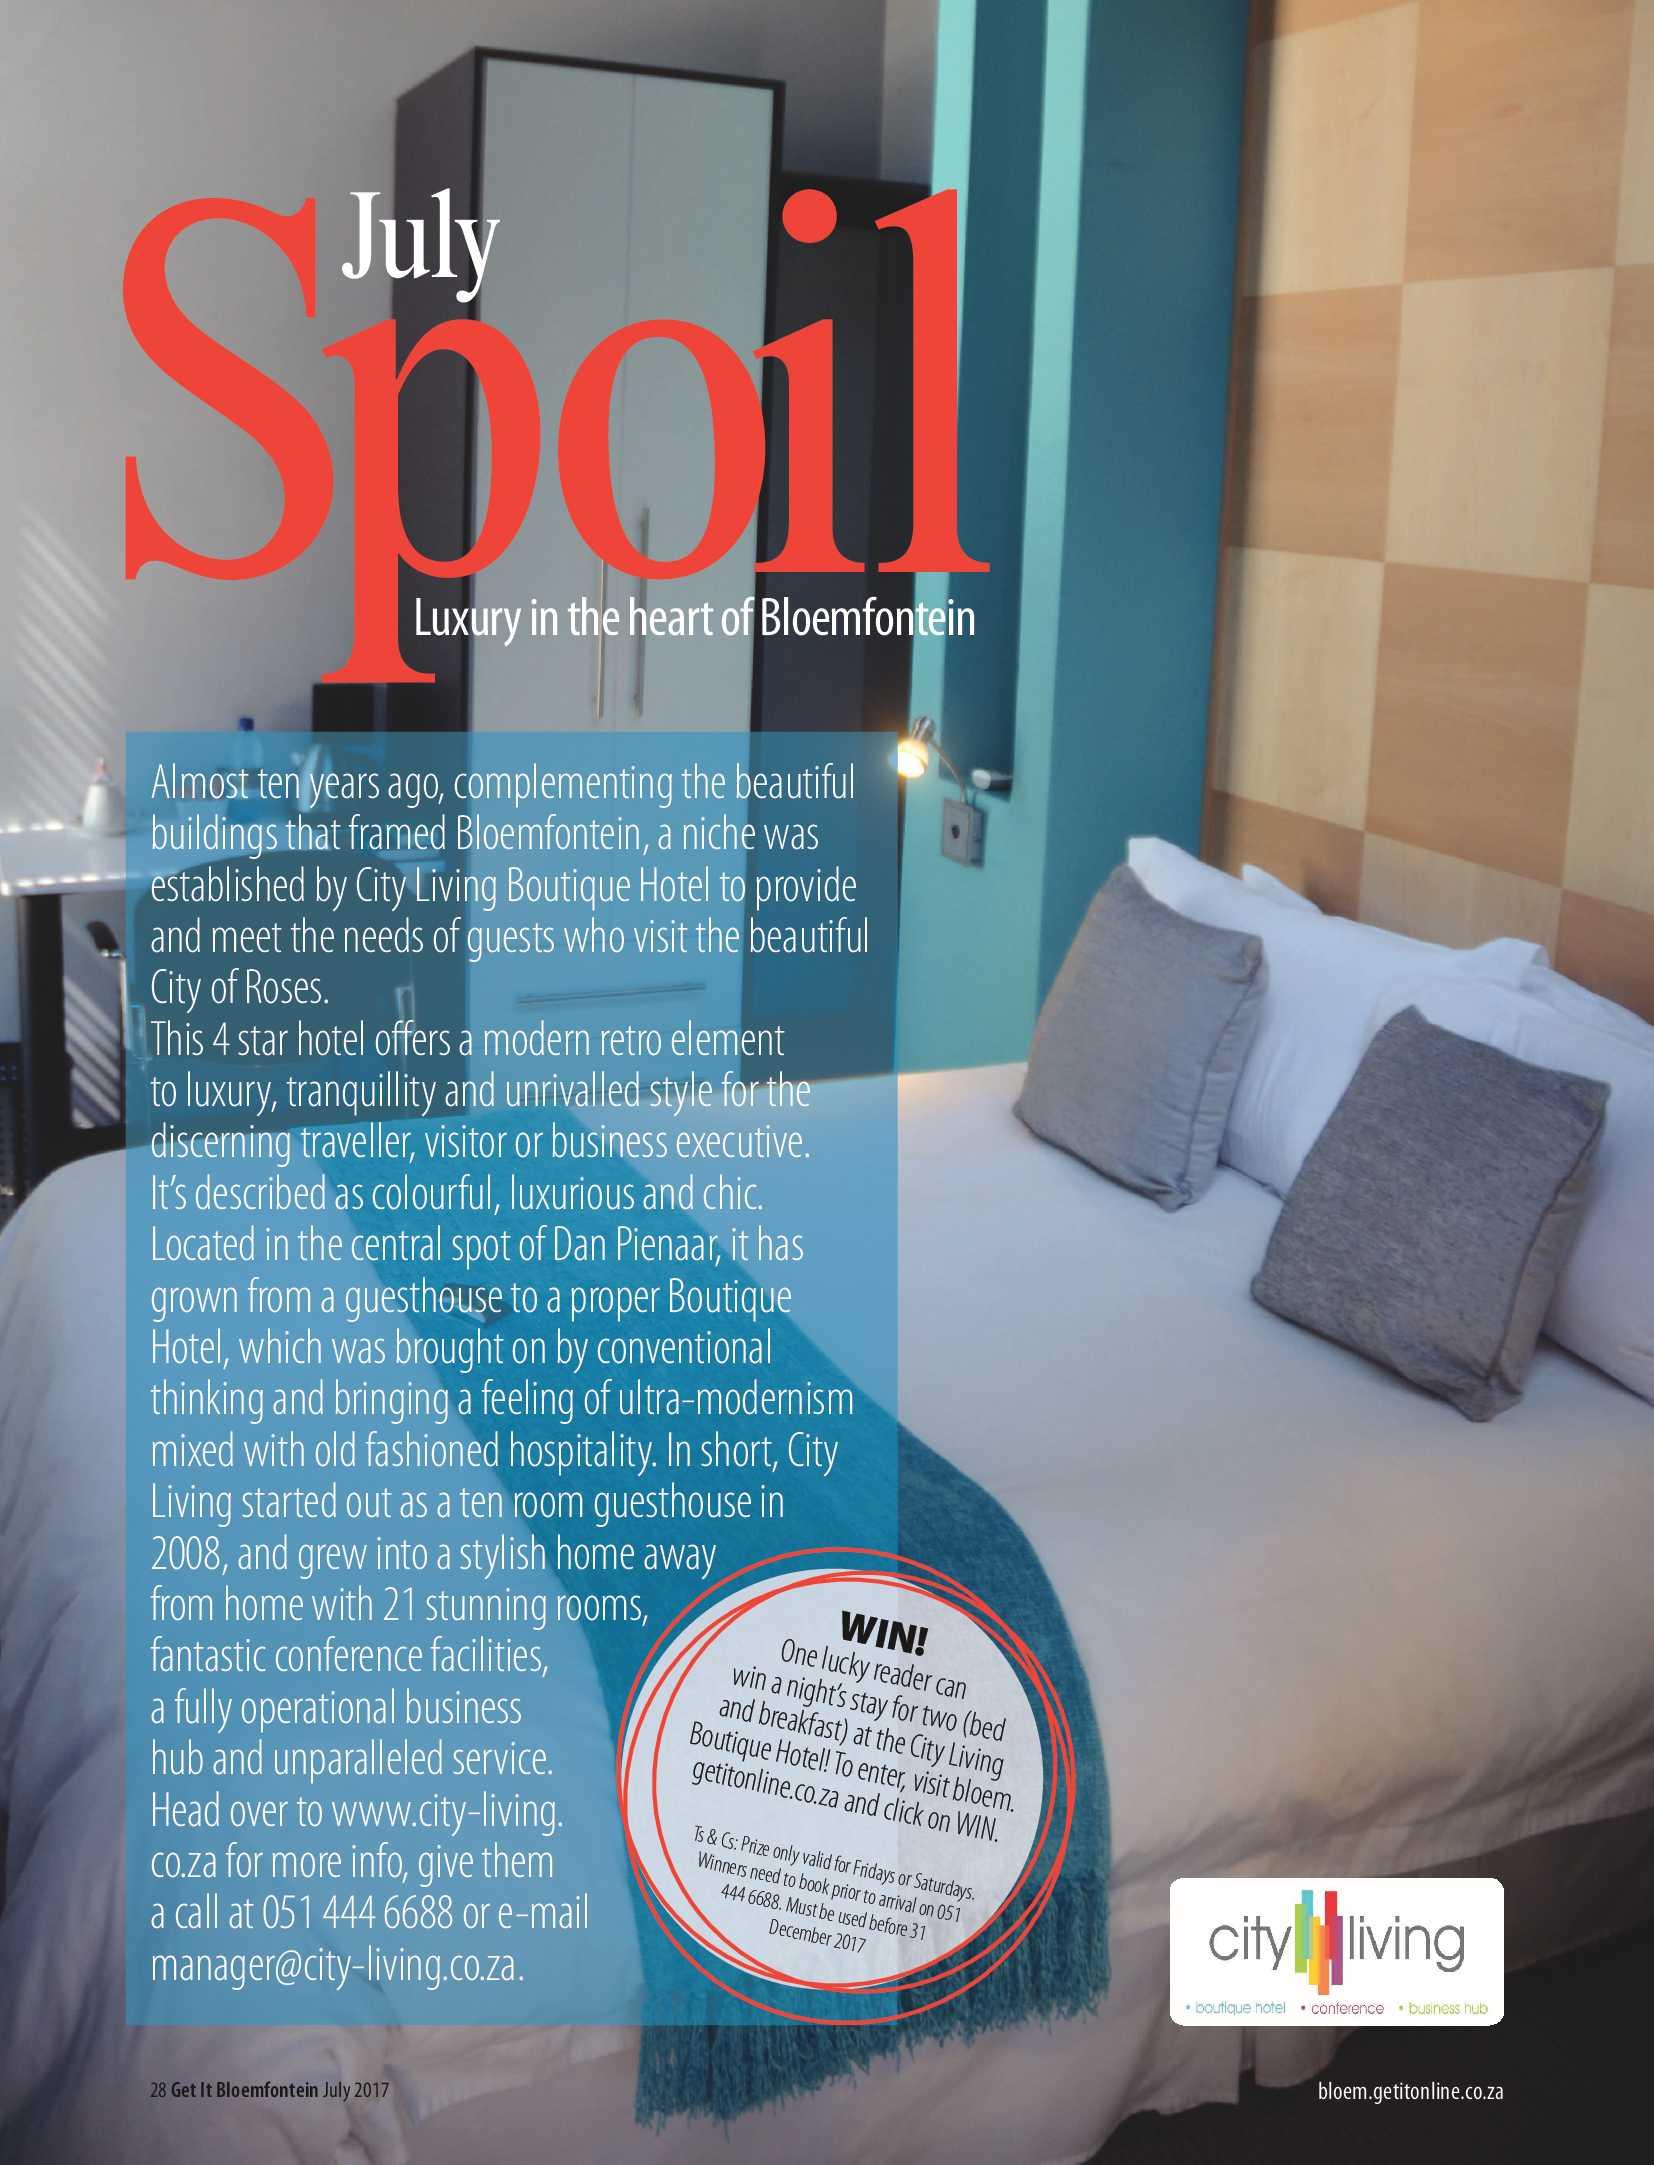 get-bloemfontein-july-2017-epapers-page-30